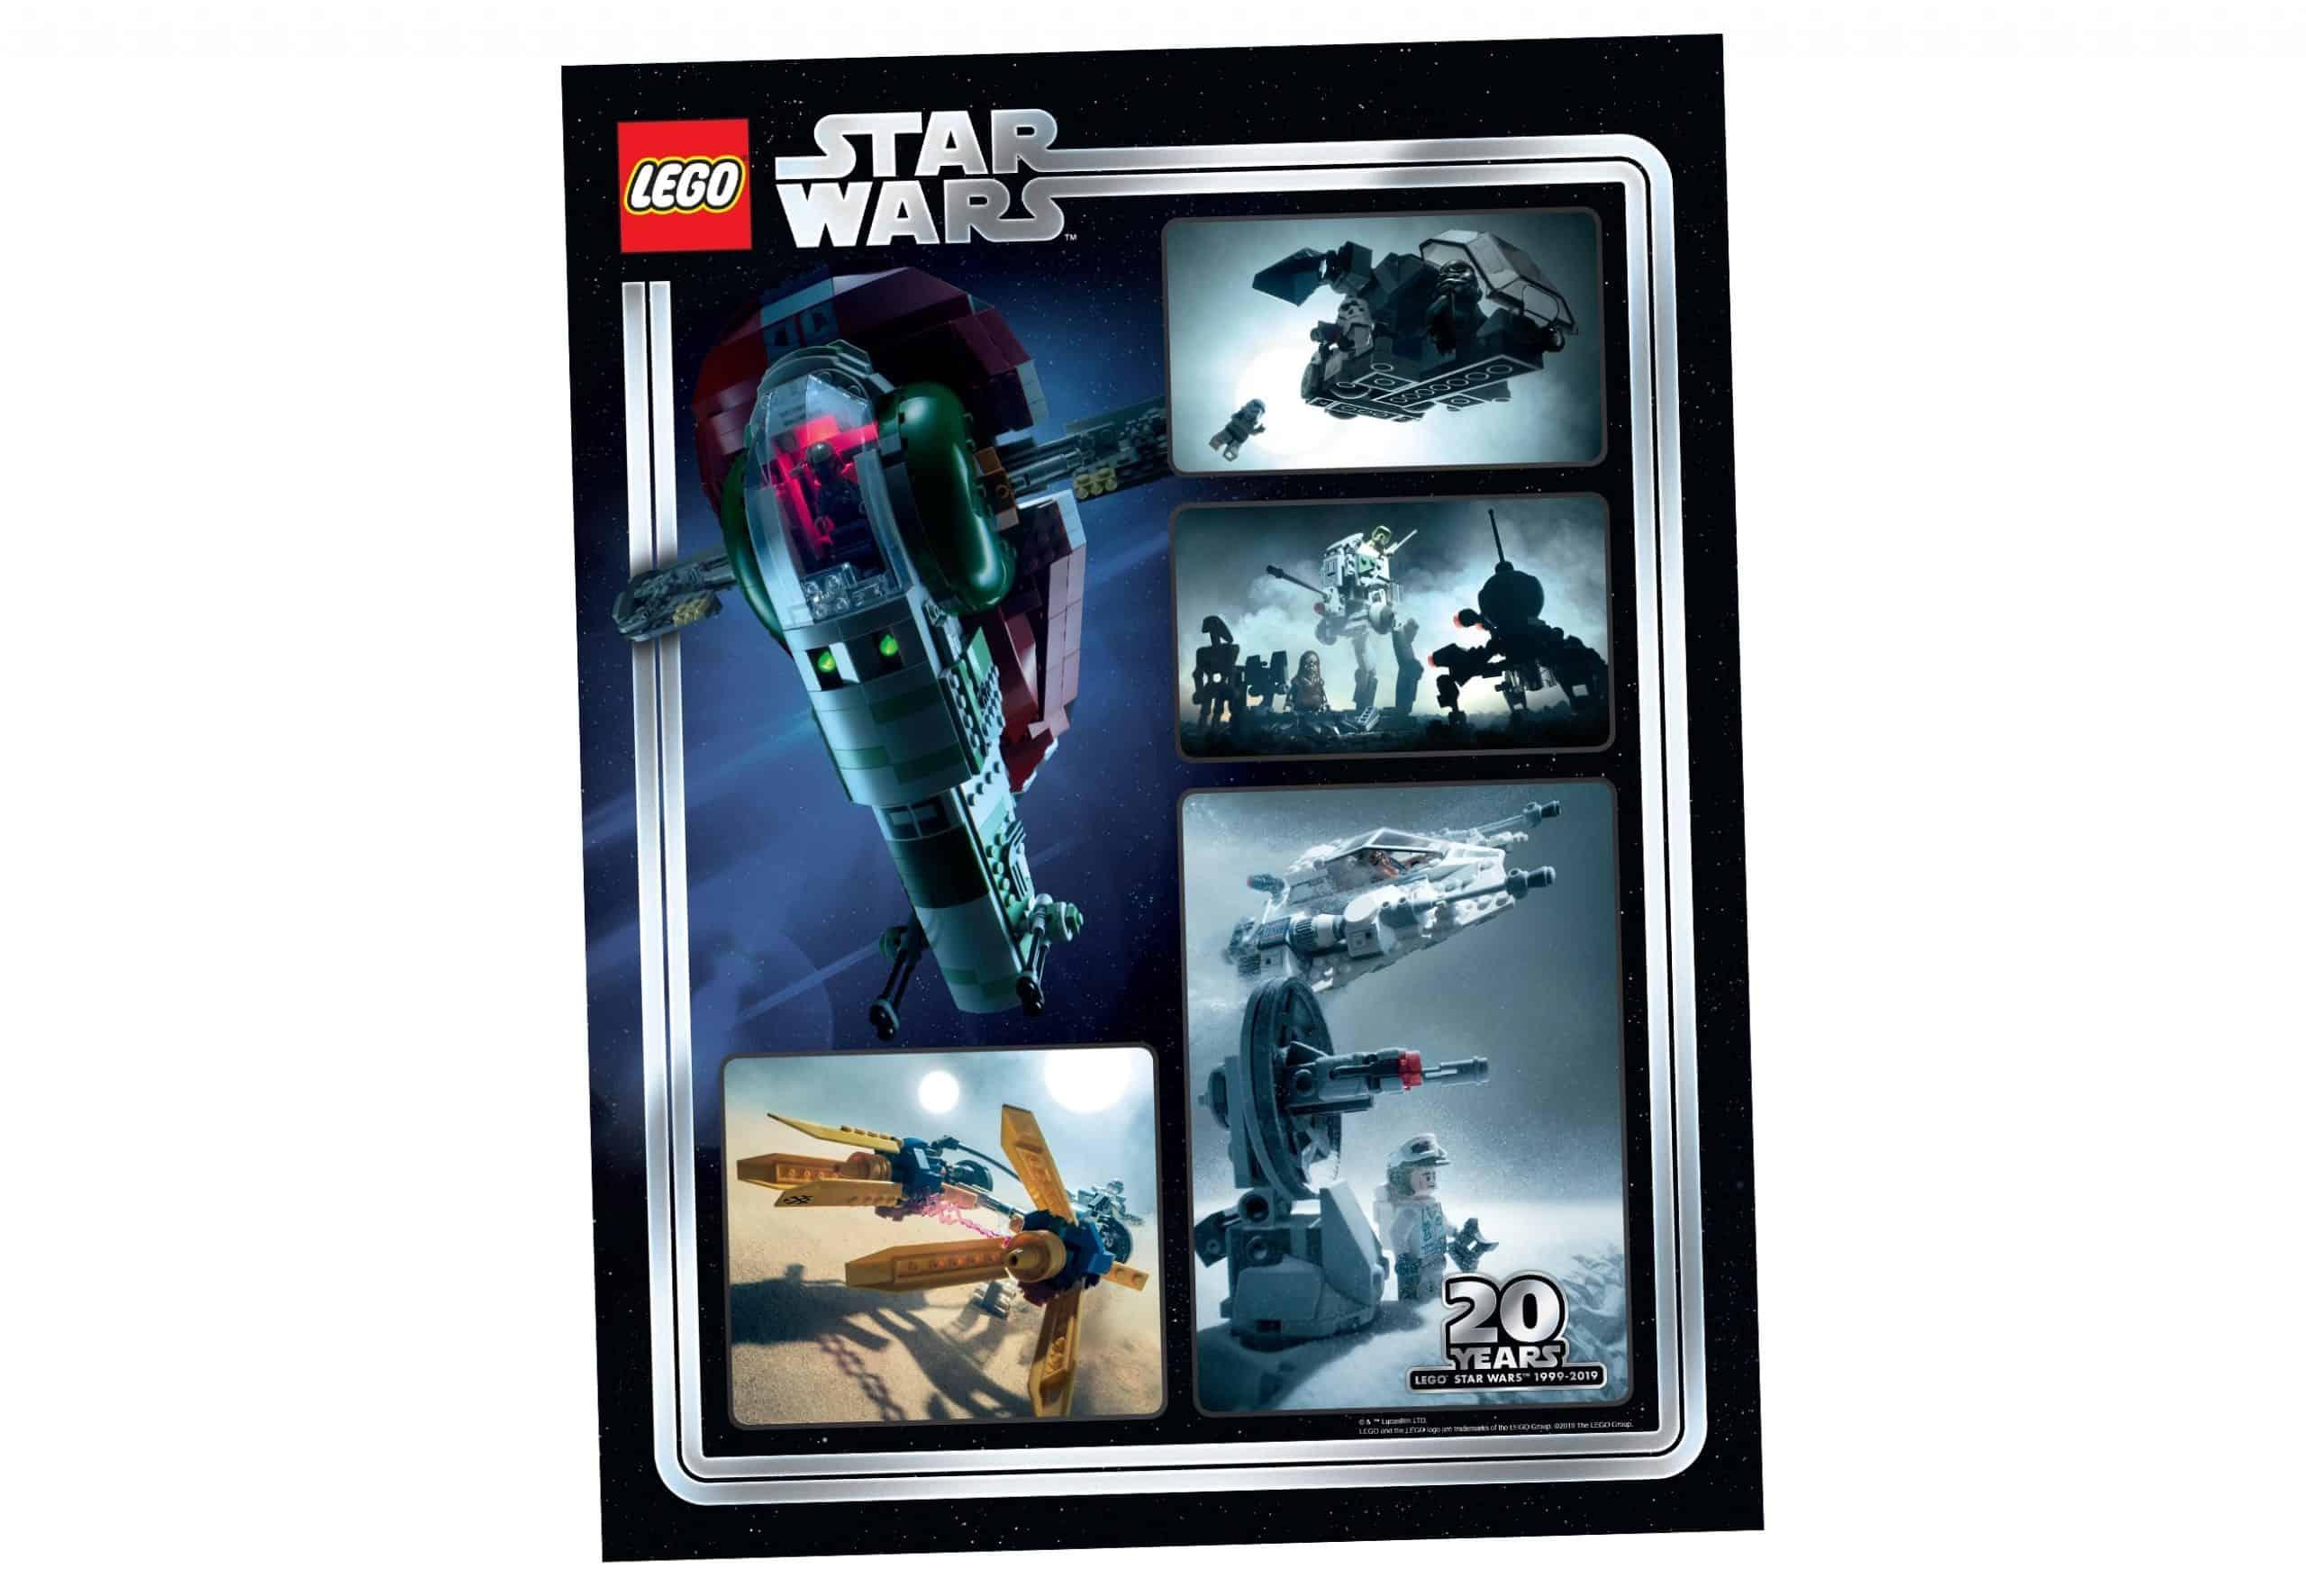 lego star wars poster om te verzamelen ter ere van het 20 jarig bestaan 5005888 scaled